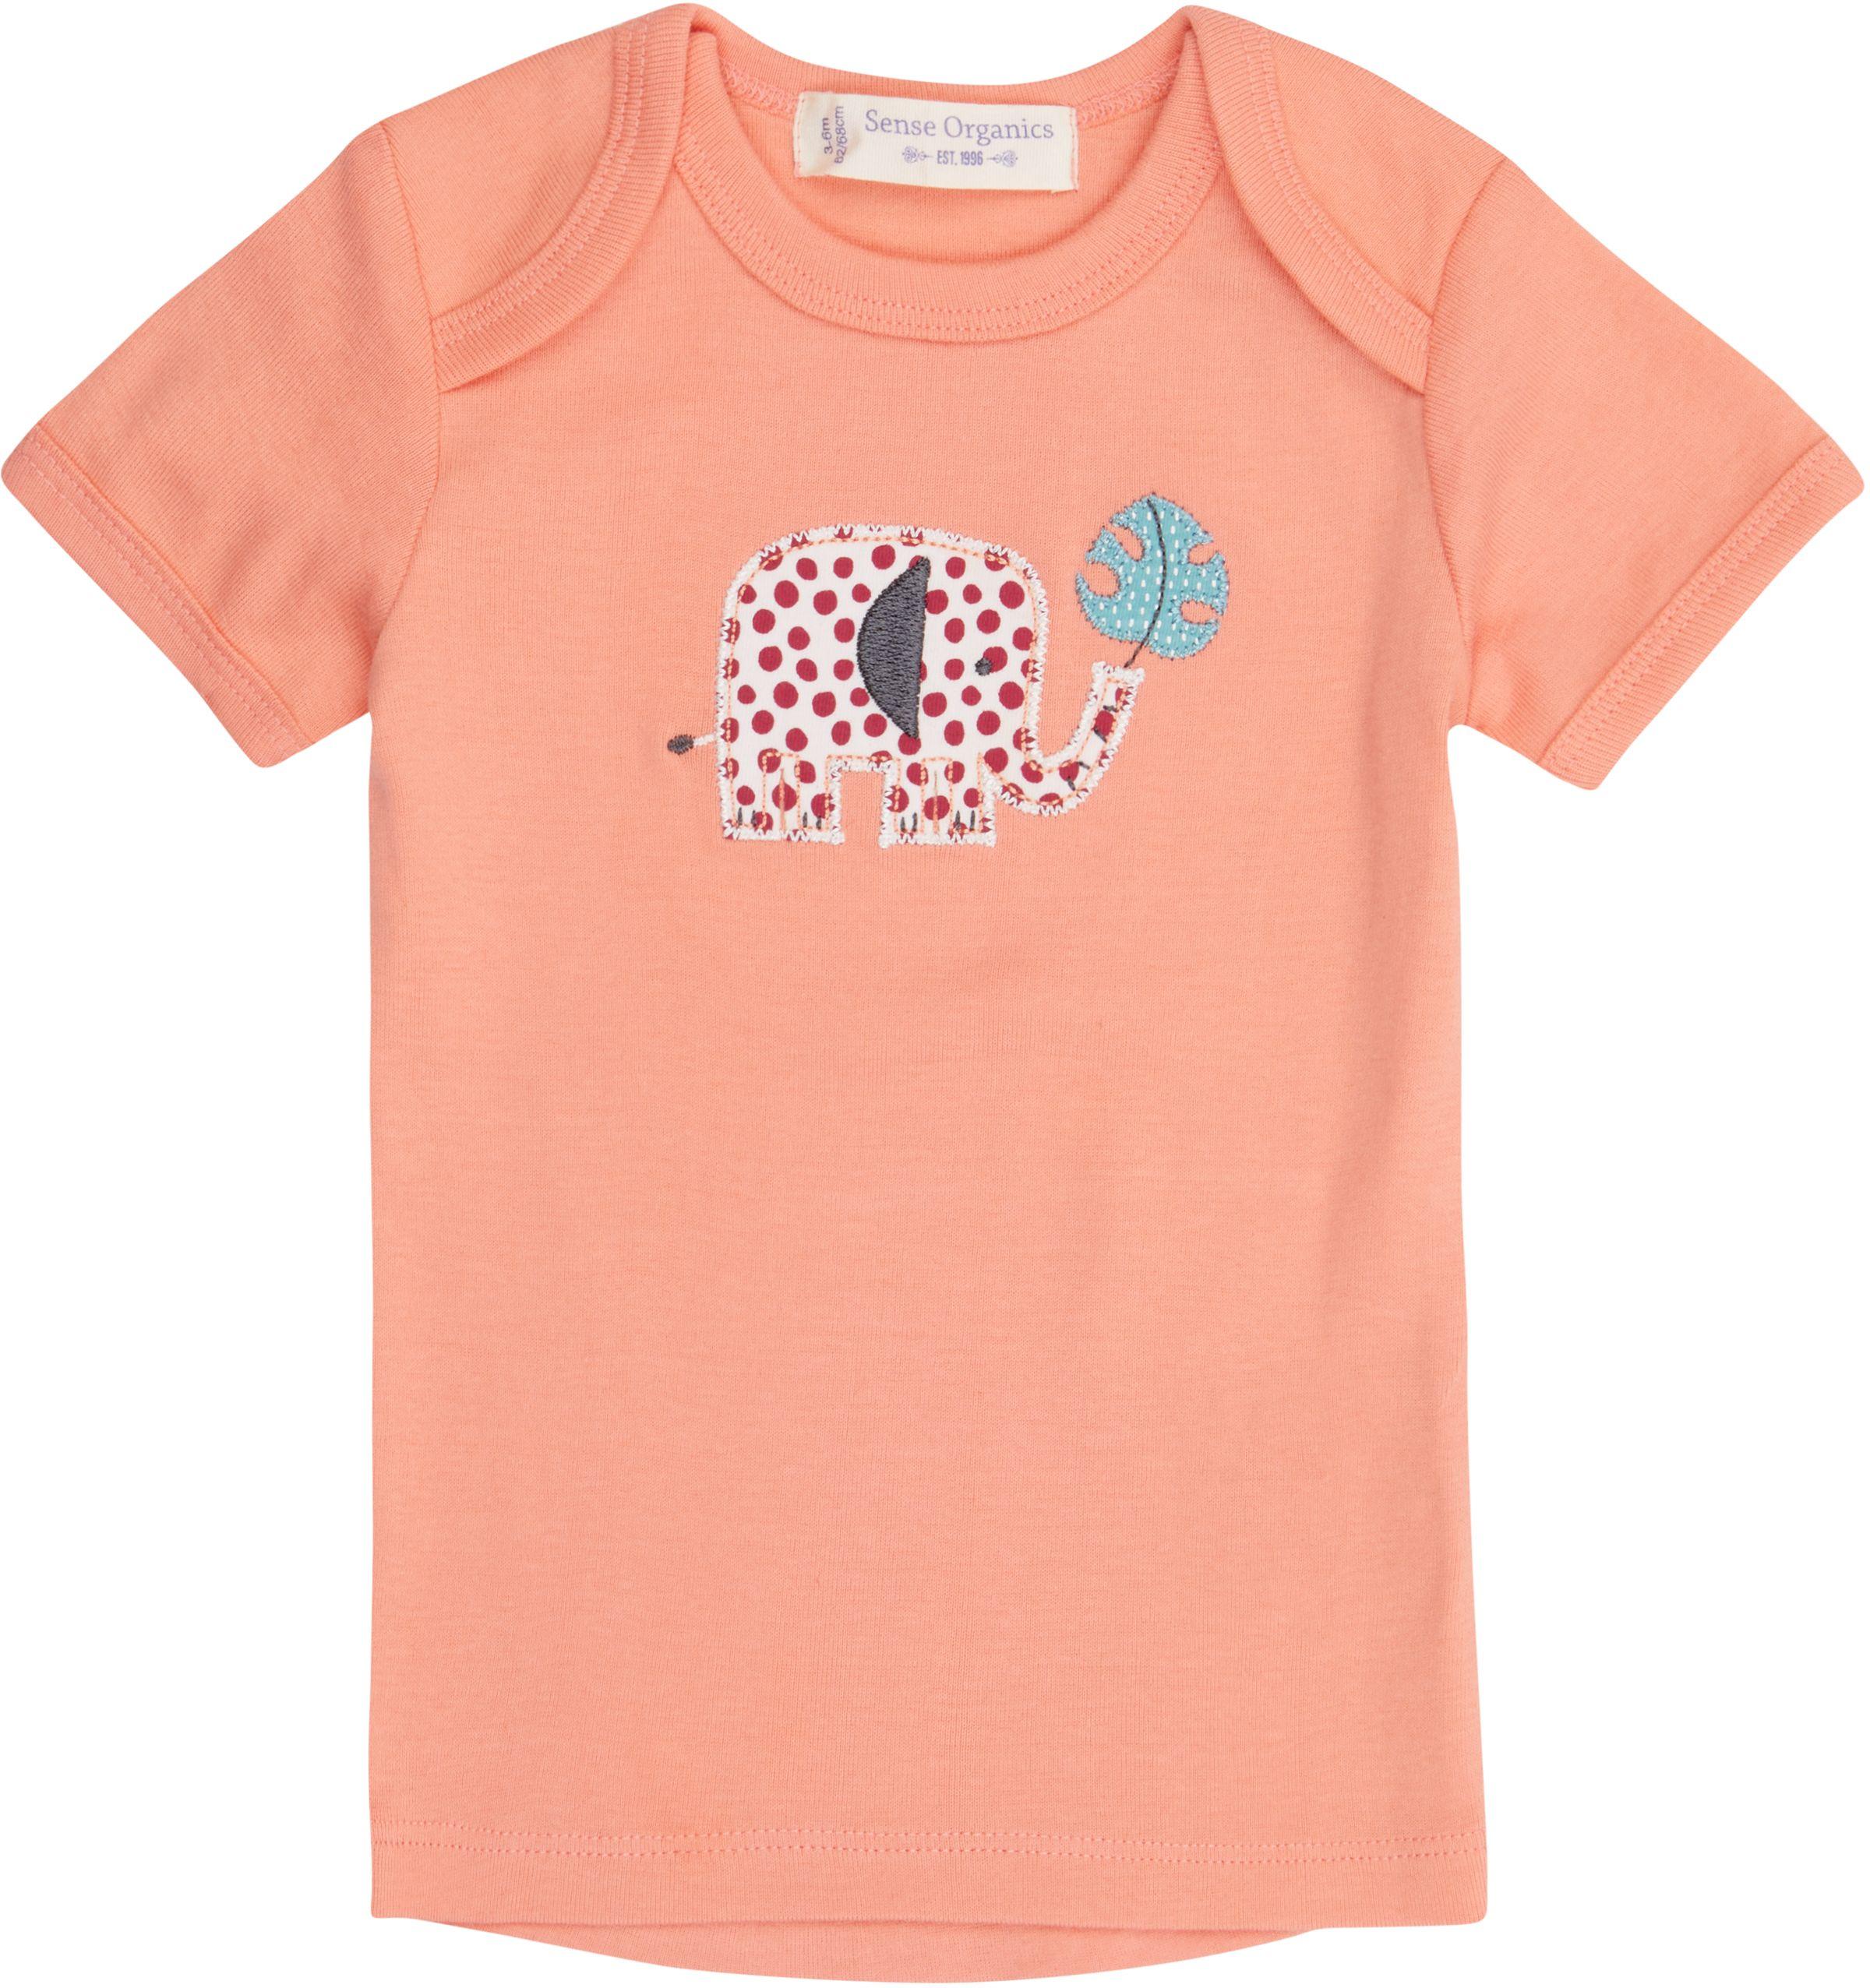 Sense Organic TILLY  RETRO Baby Shirt Kurzarm Coral